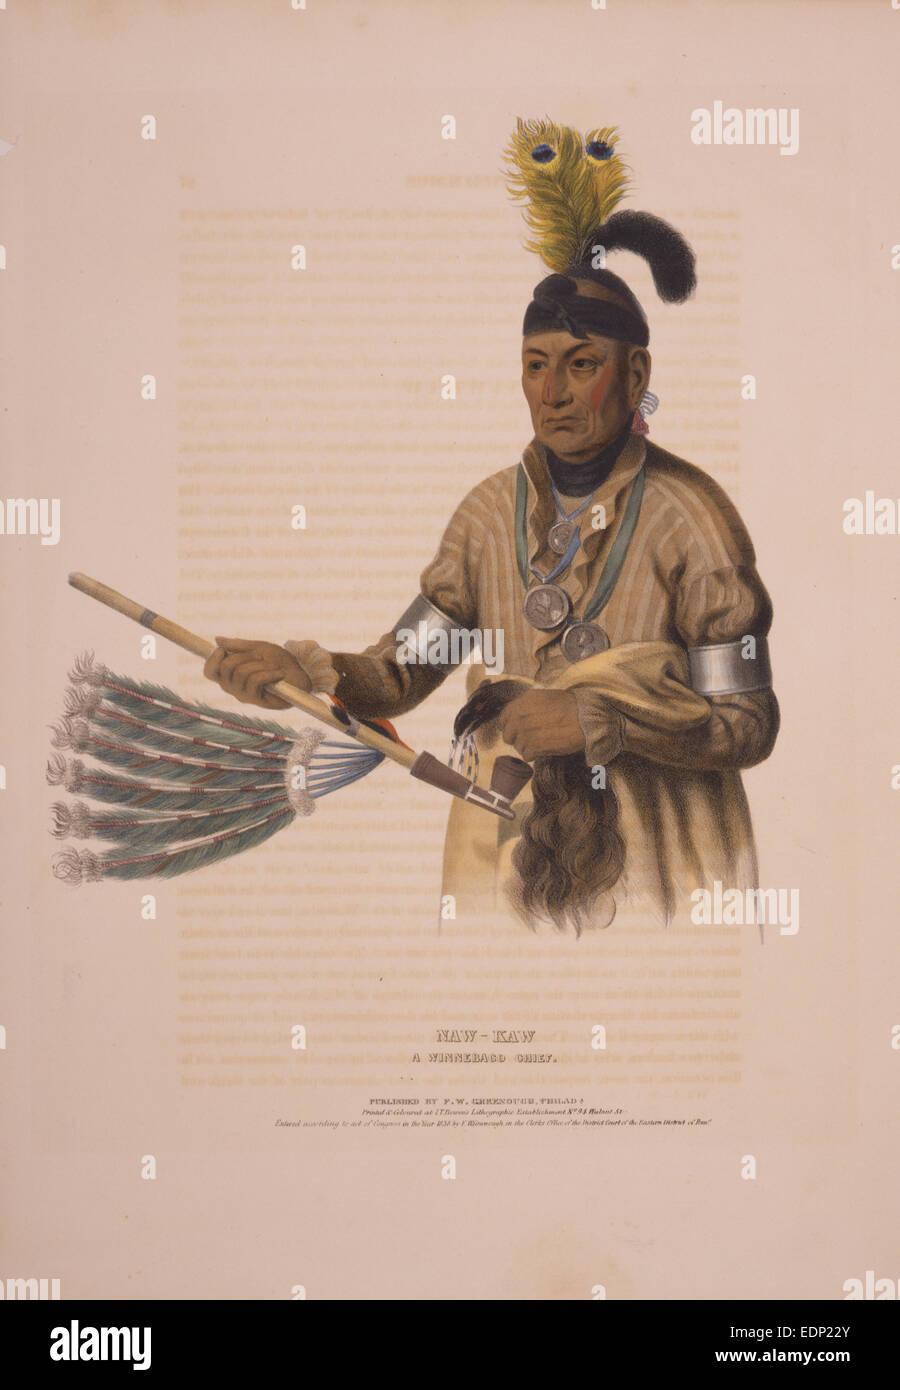 Di Naw-kaw, un capo Winnebago / prelevati, stampata e colorata a I.T. Bowen di stabilimento litografico, n. 94 Noce Immagini Stock